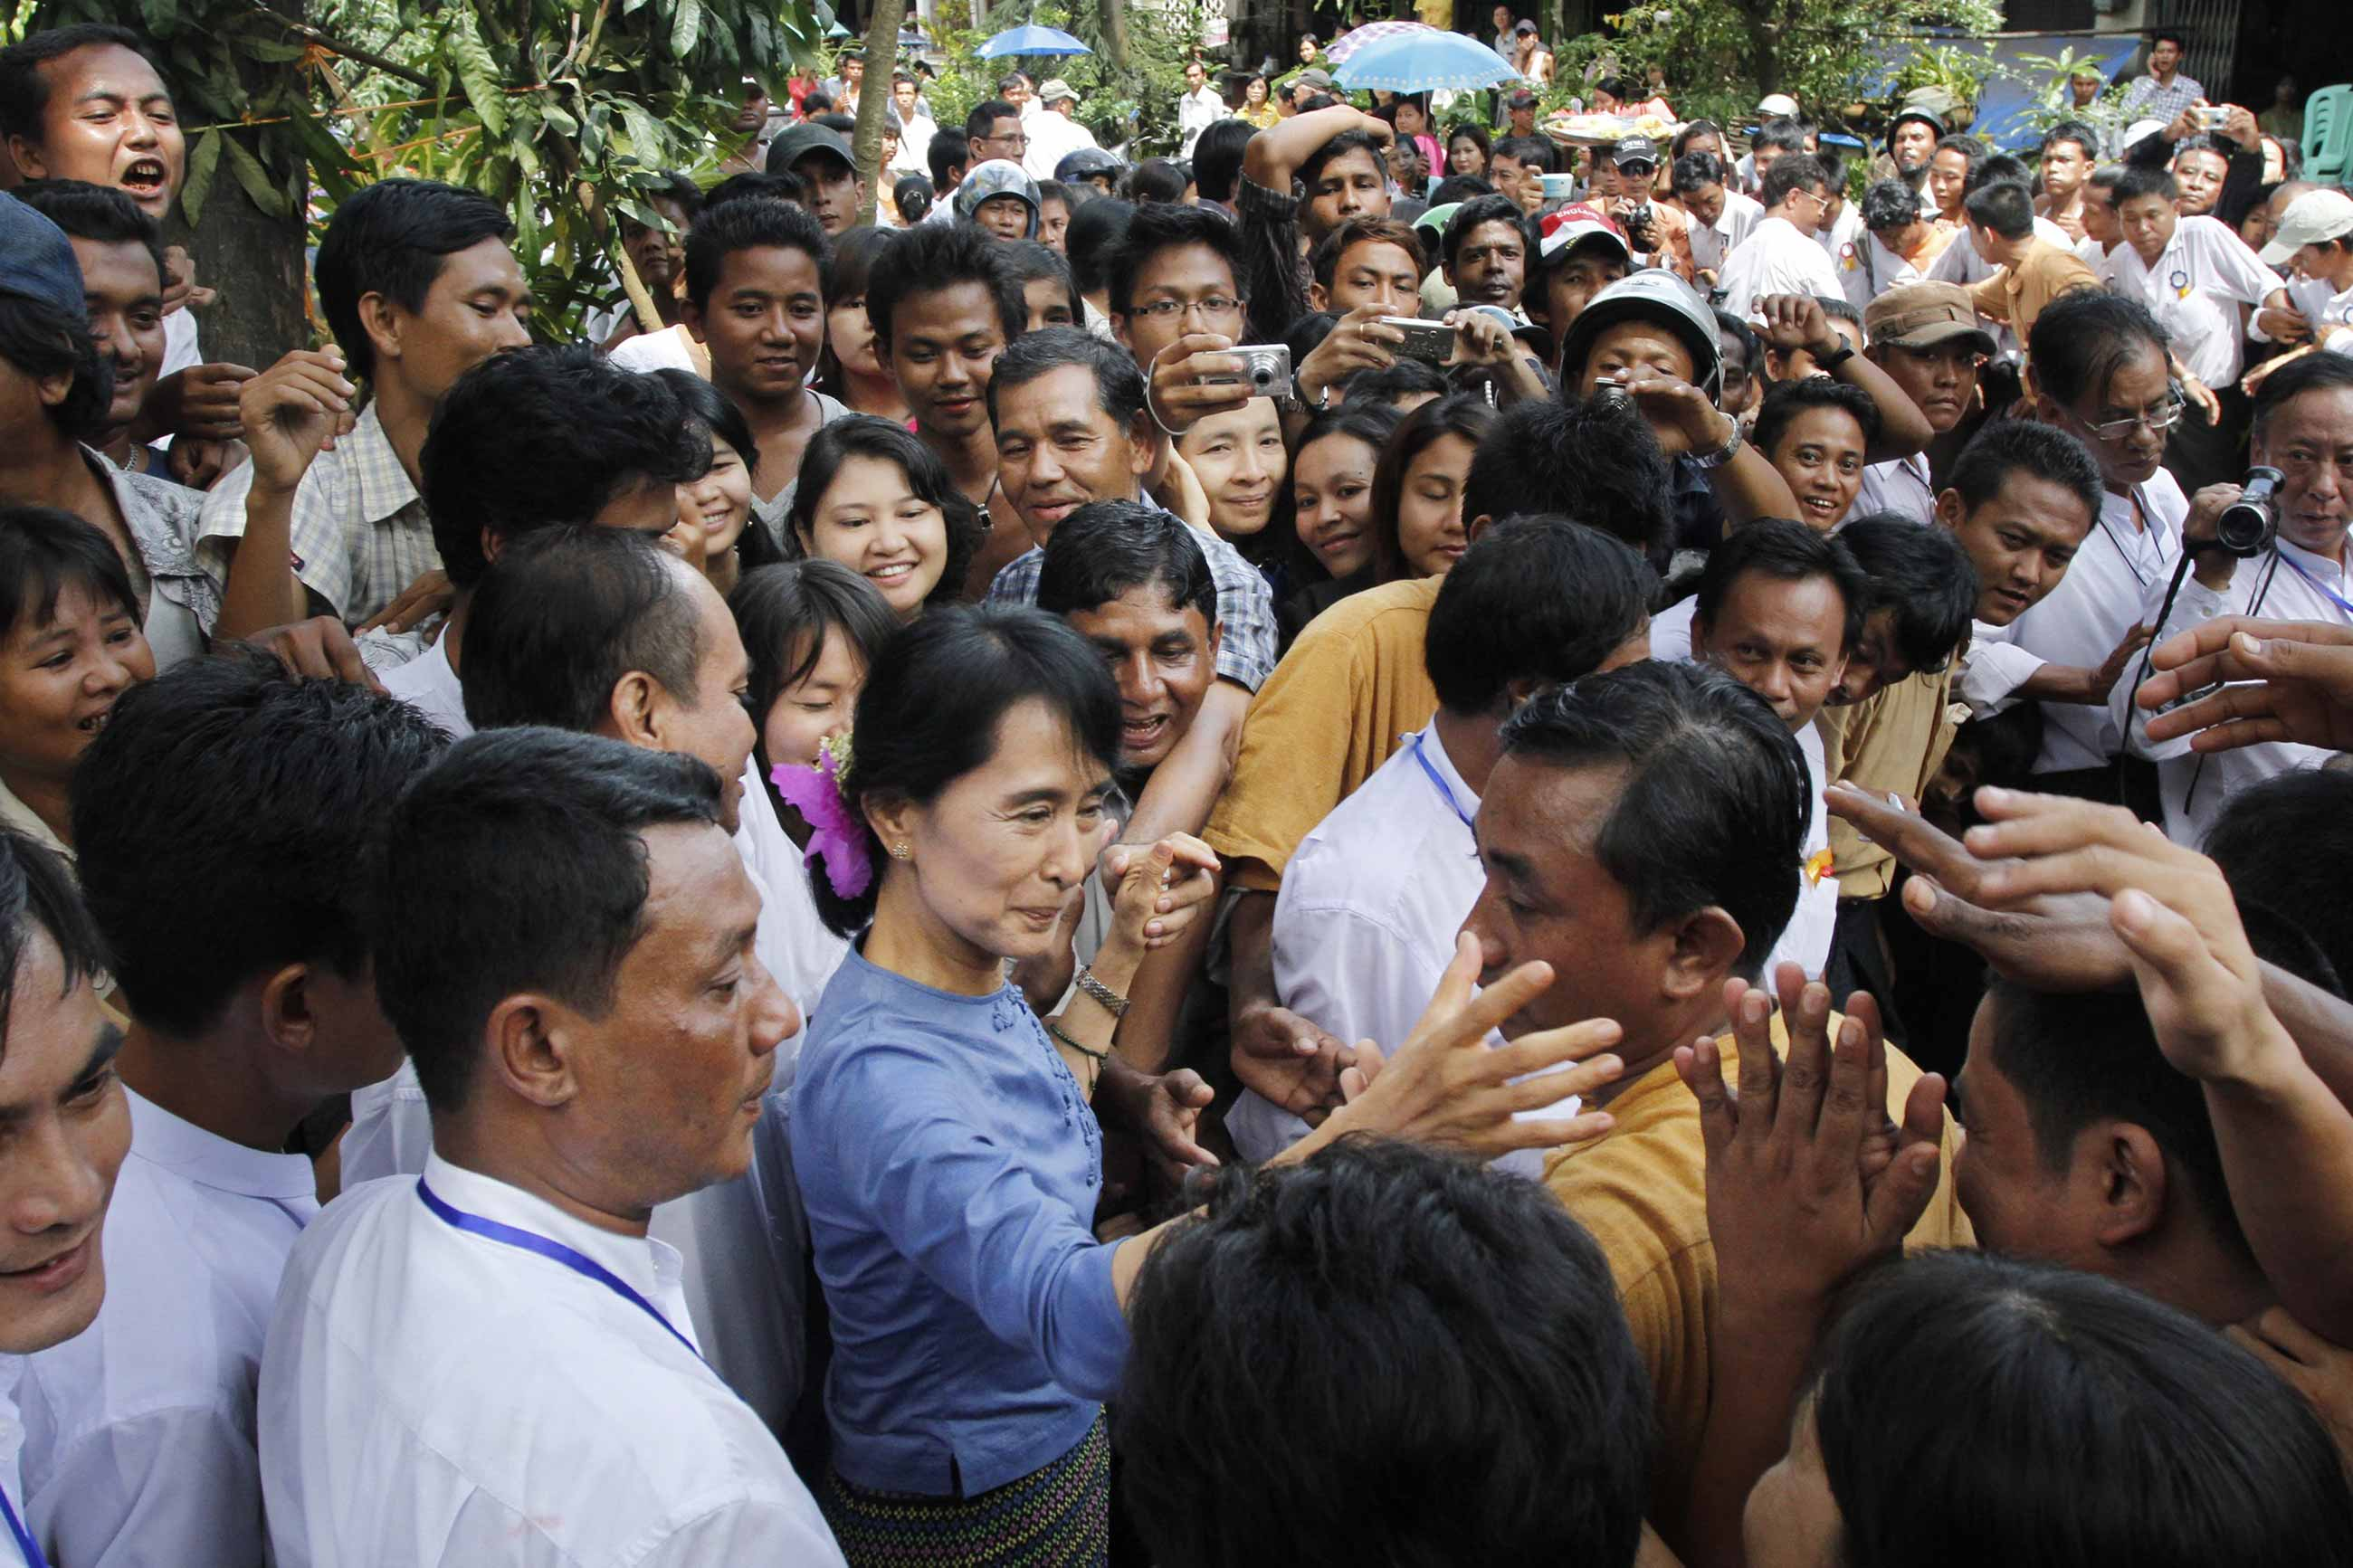 aung san suu kyi greeting supporters from bago state - <b>У М'янмі переворот, владу (знову) захопила військова хунта.</b>  За її правління був геноцид народу рогінджа - Заборона